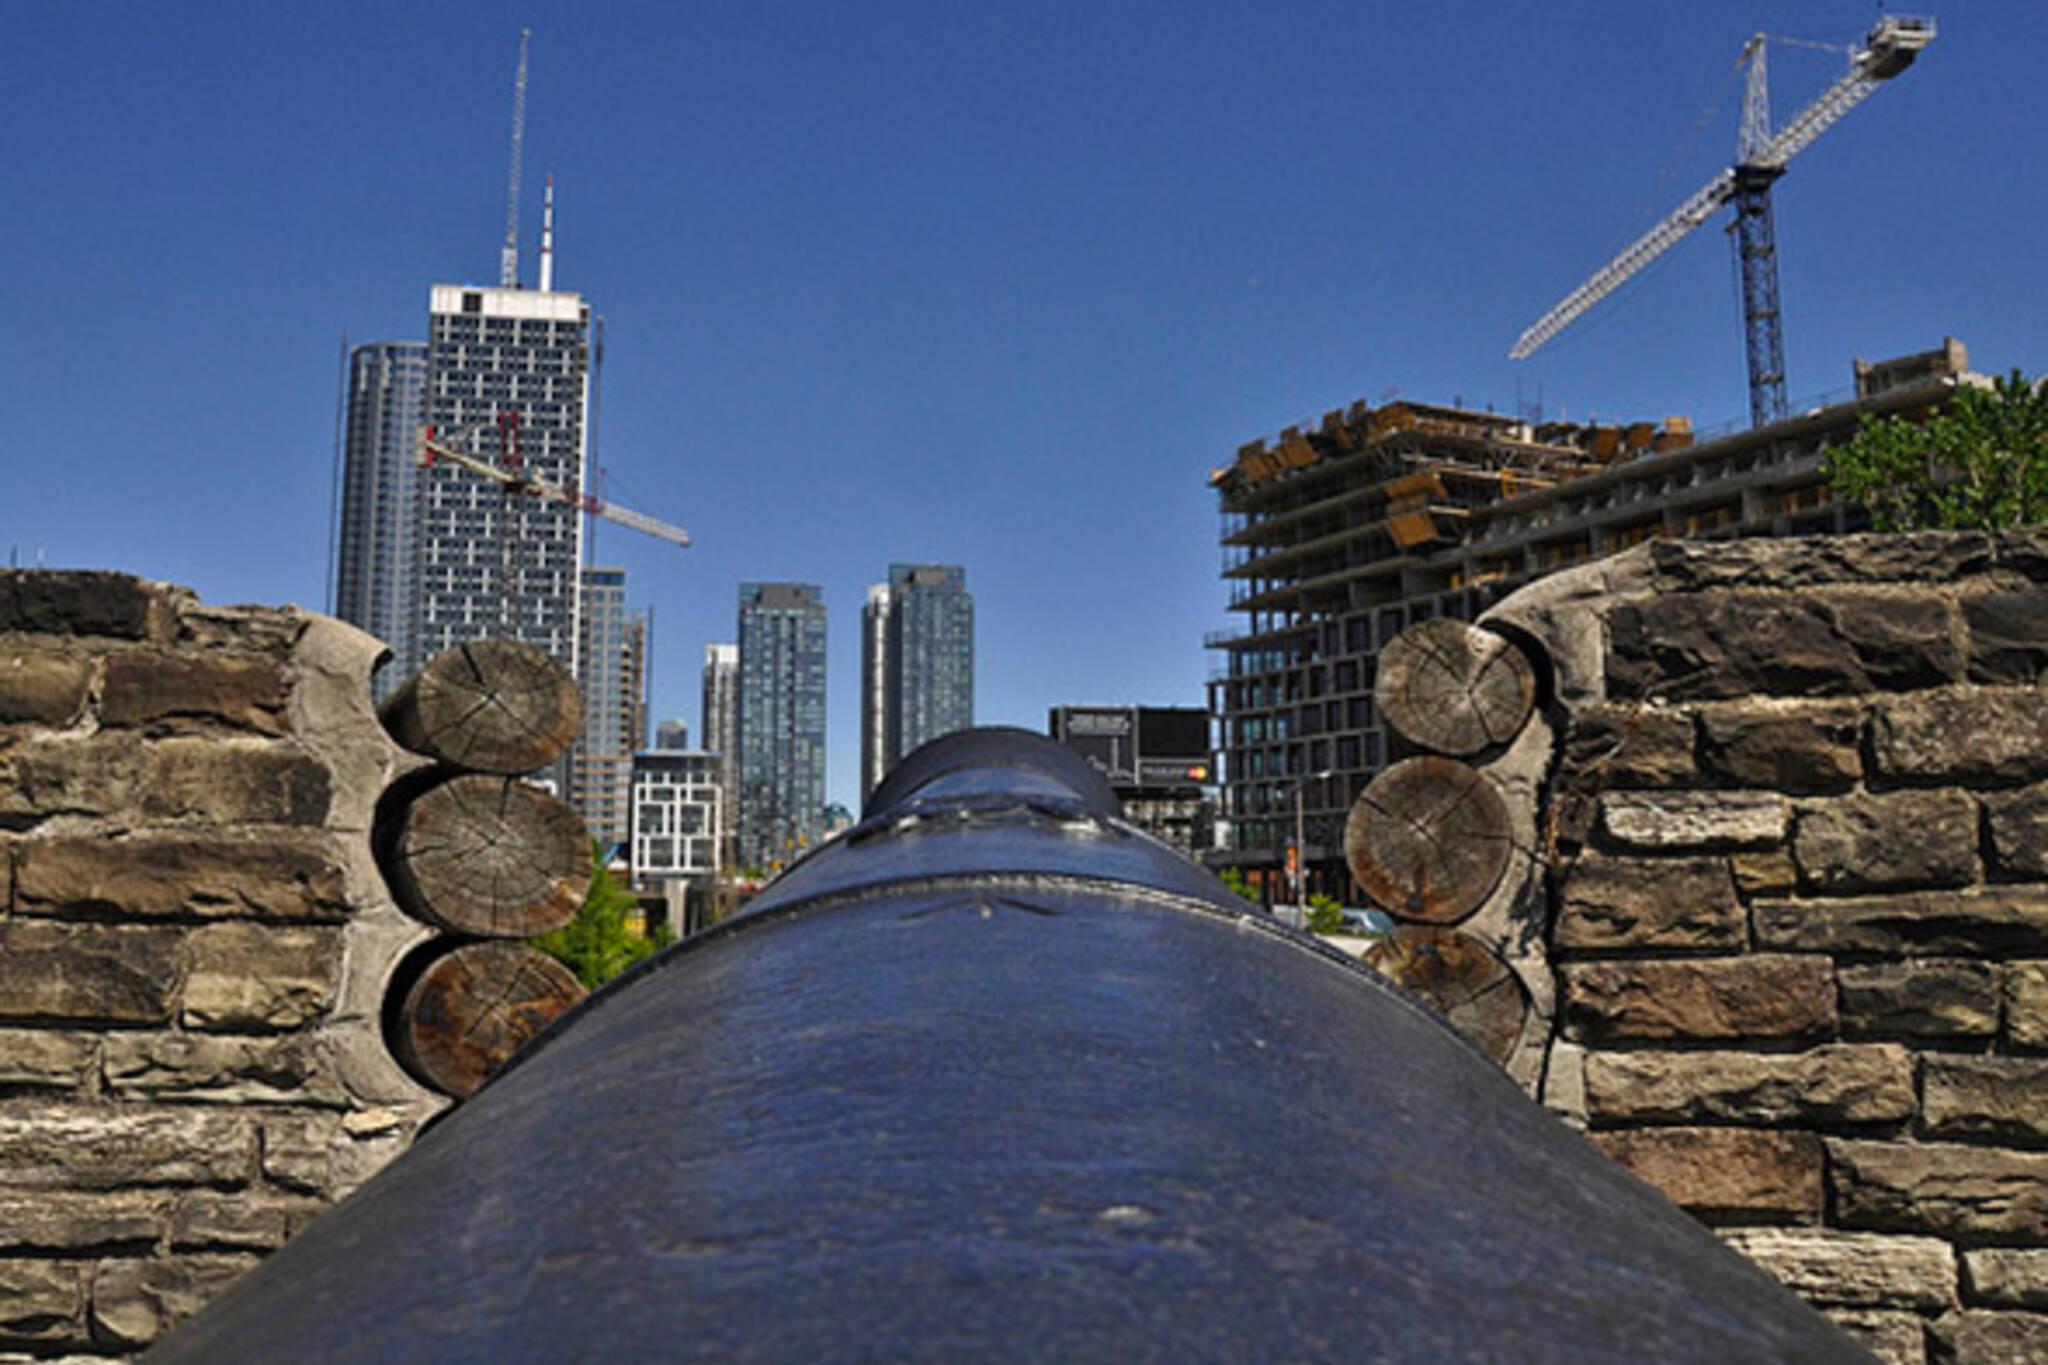 Toronto under siege